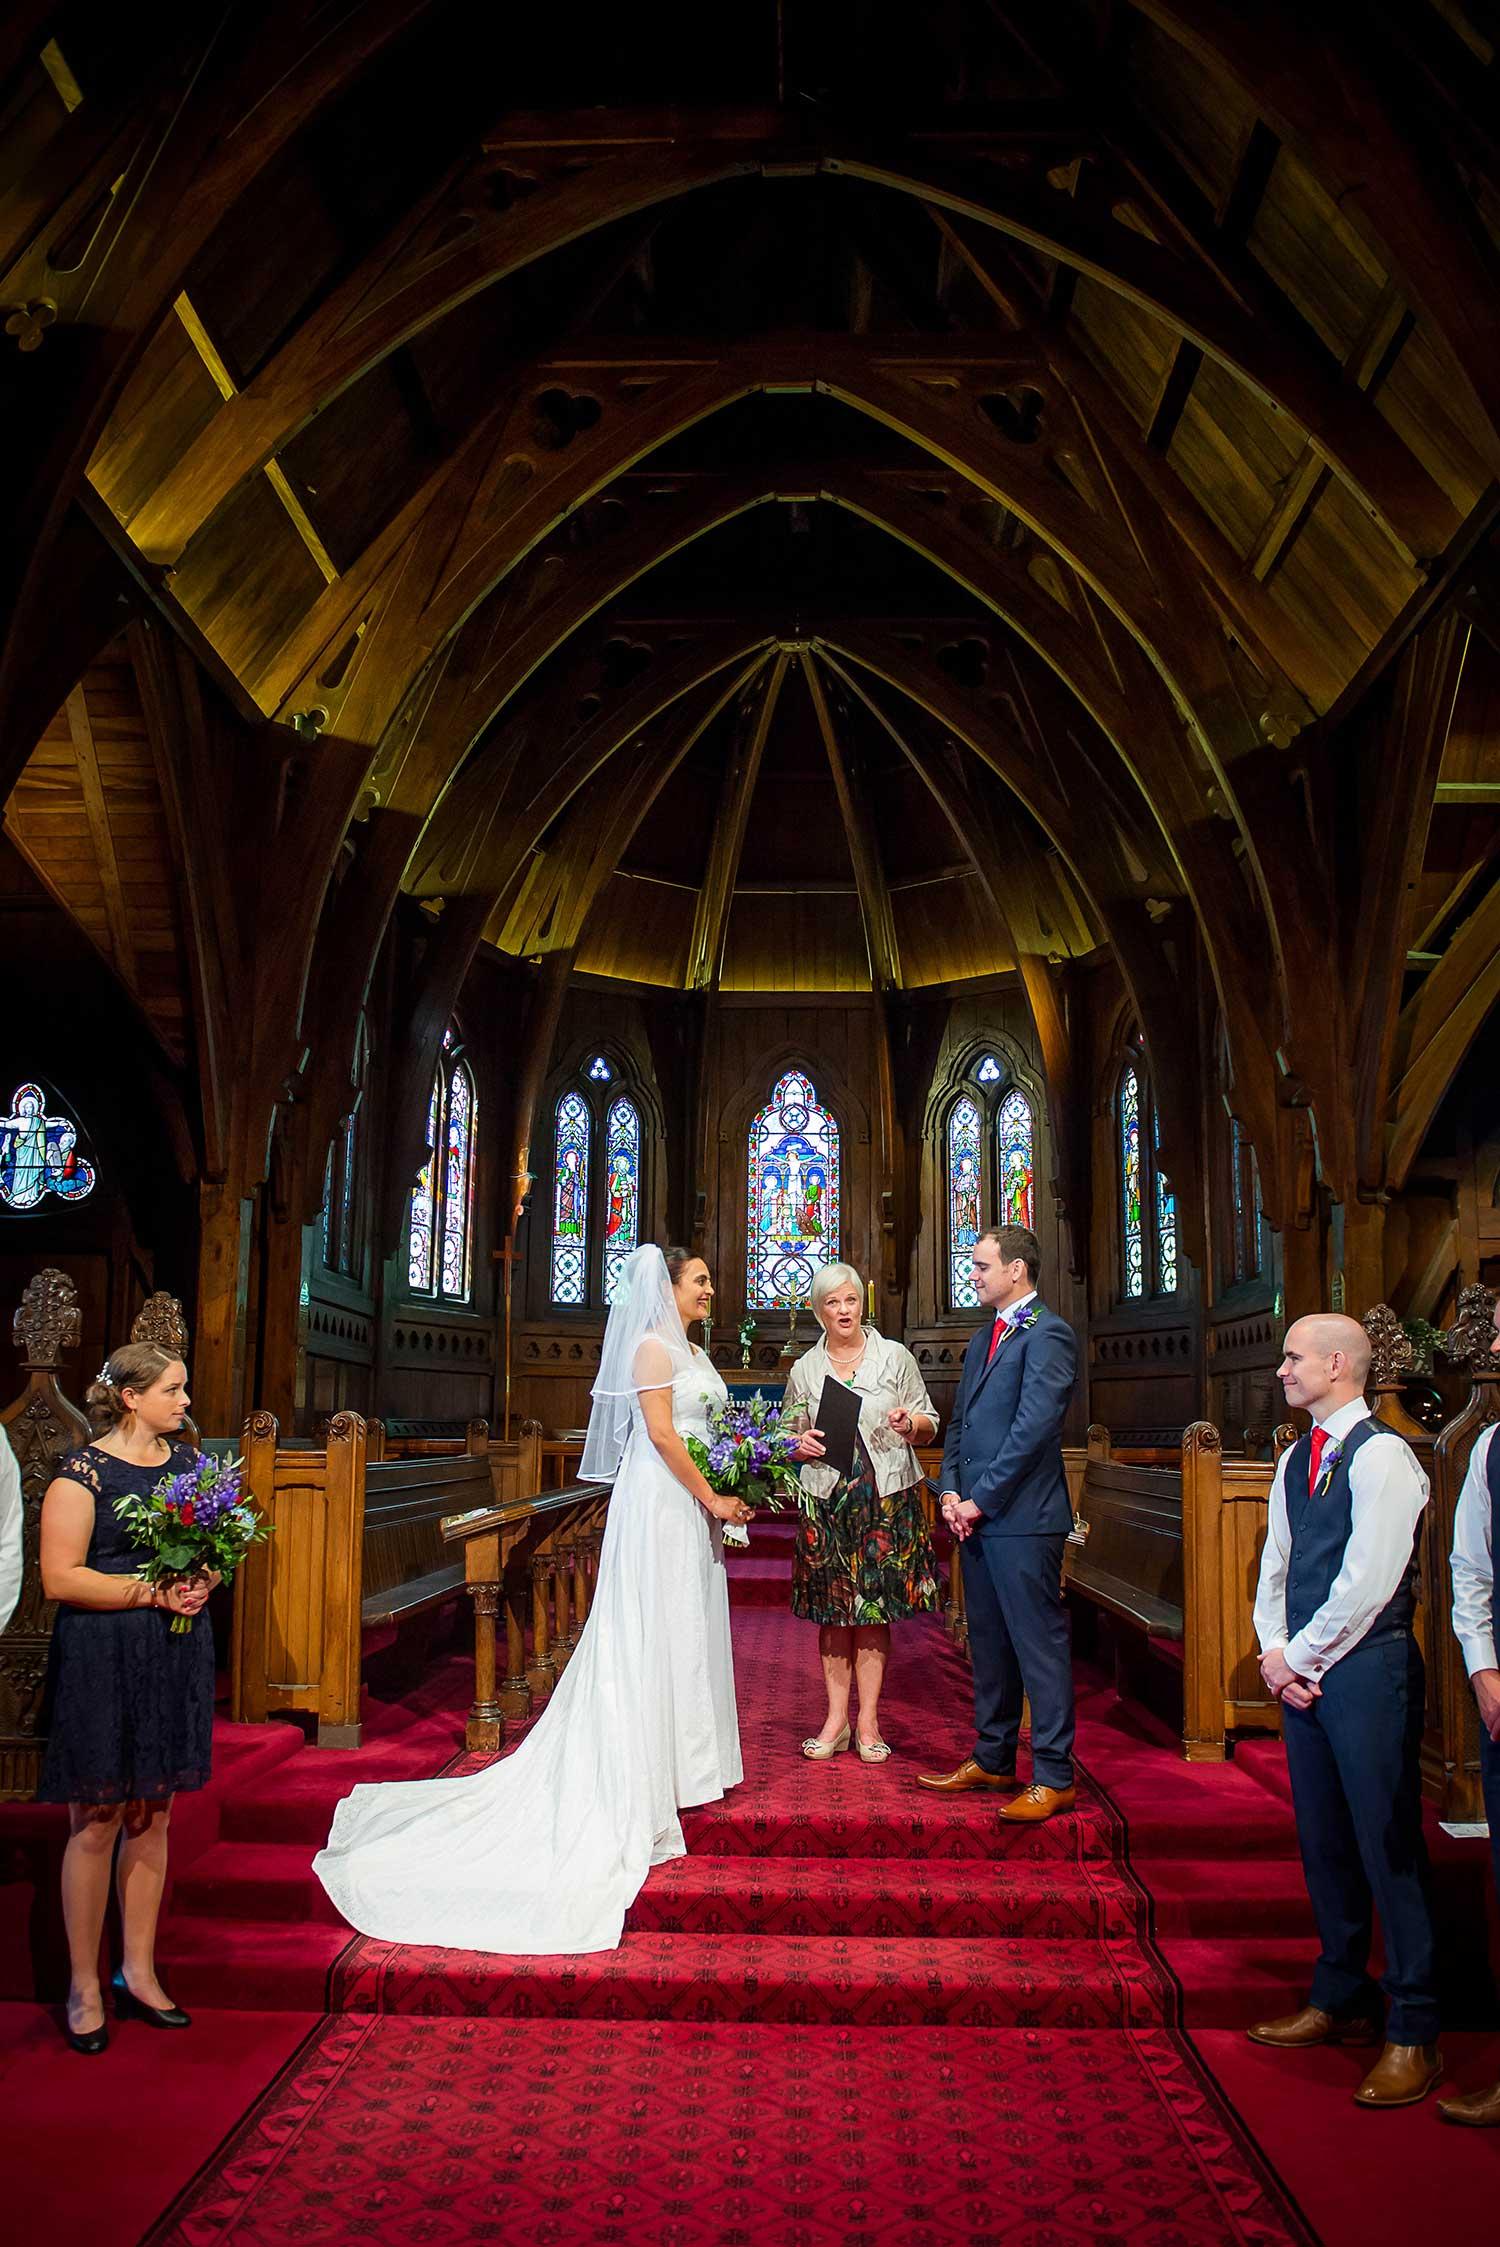 Moira-McCullough-Wedding-Celebrant-11.jpg